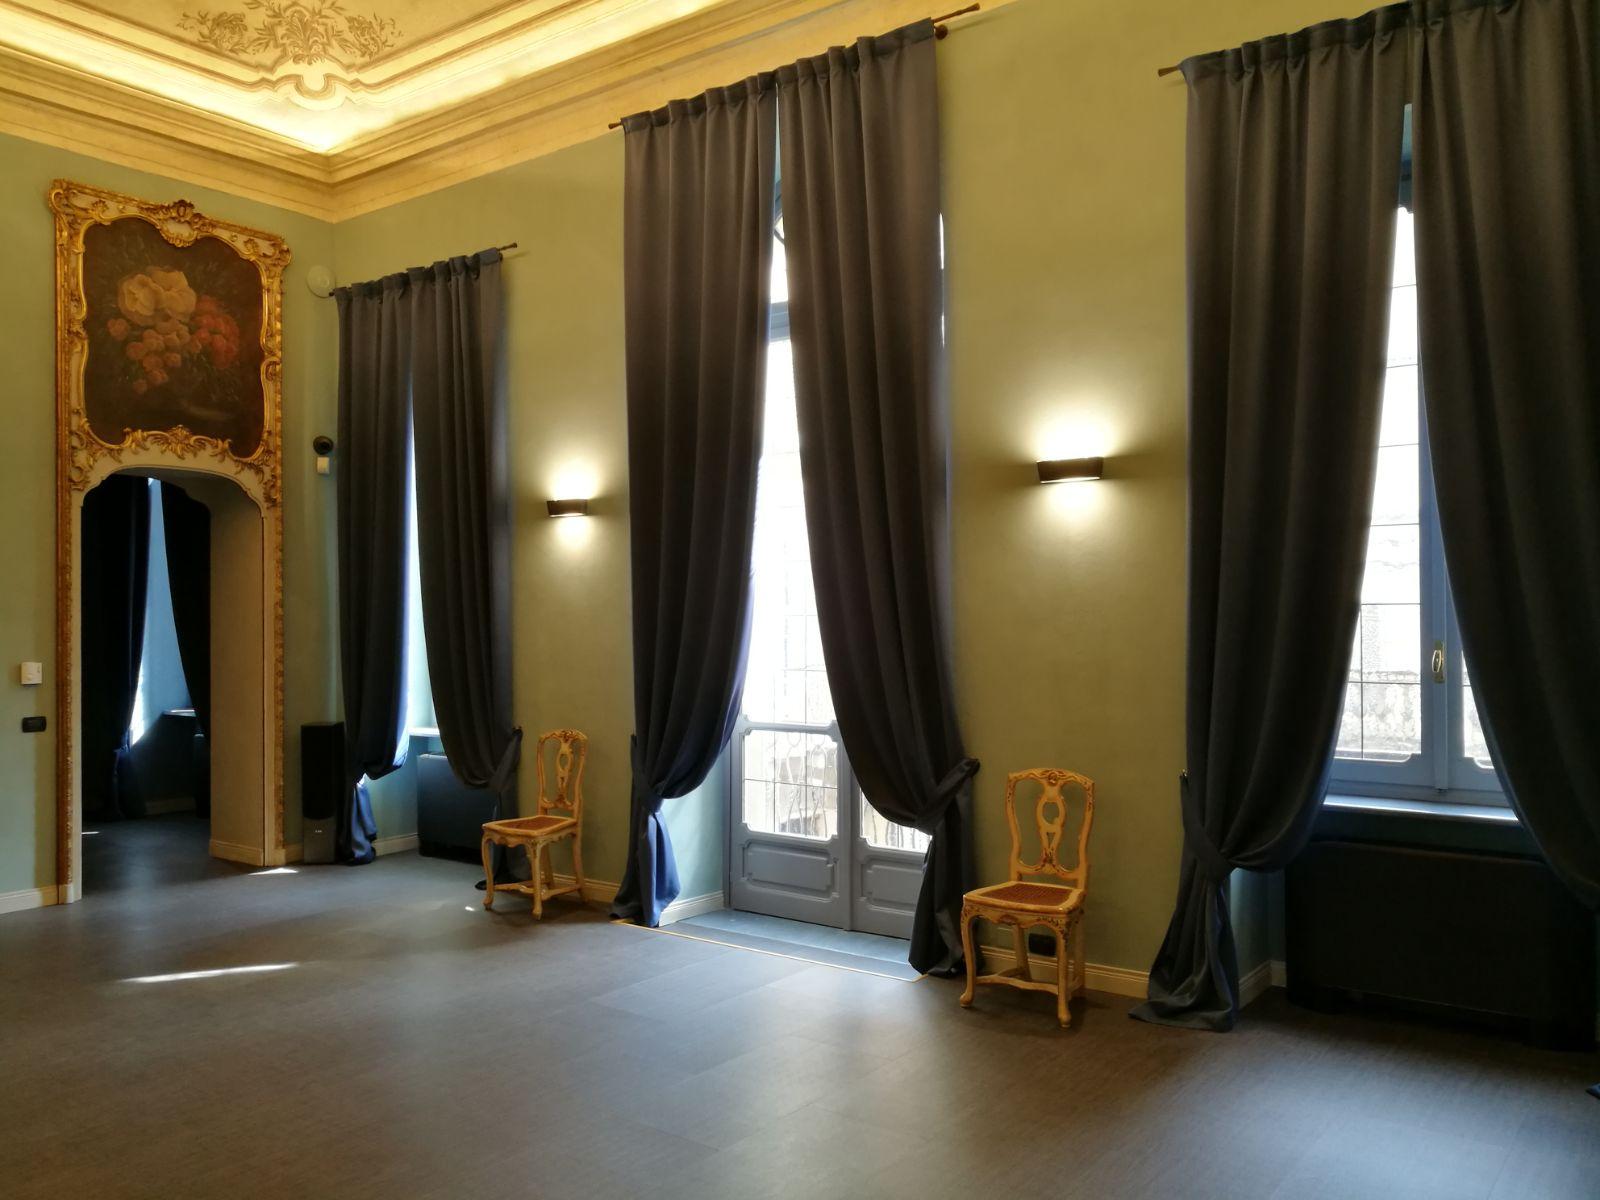 Il Palazzotto Torino: il luogo ideale per ogni vostro evento nel cuore di Torino.